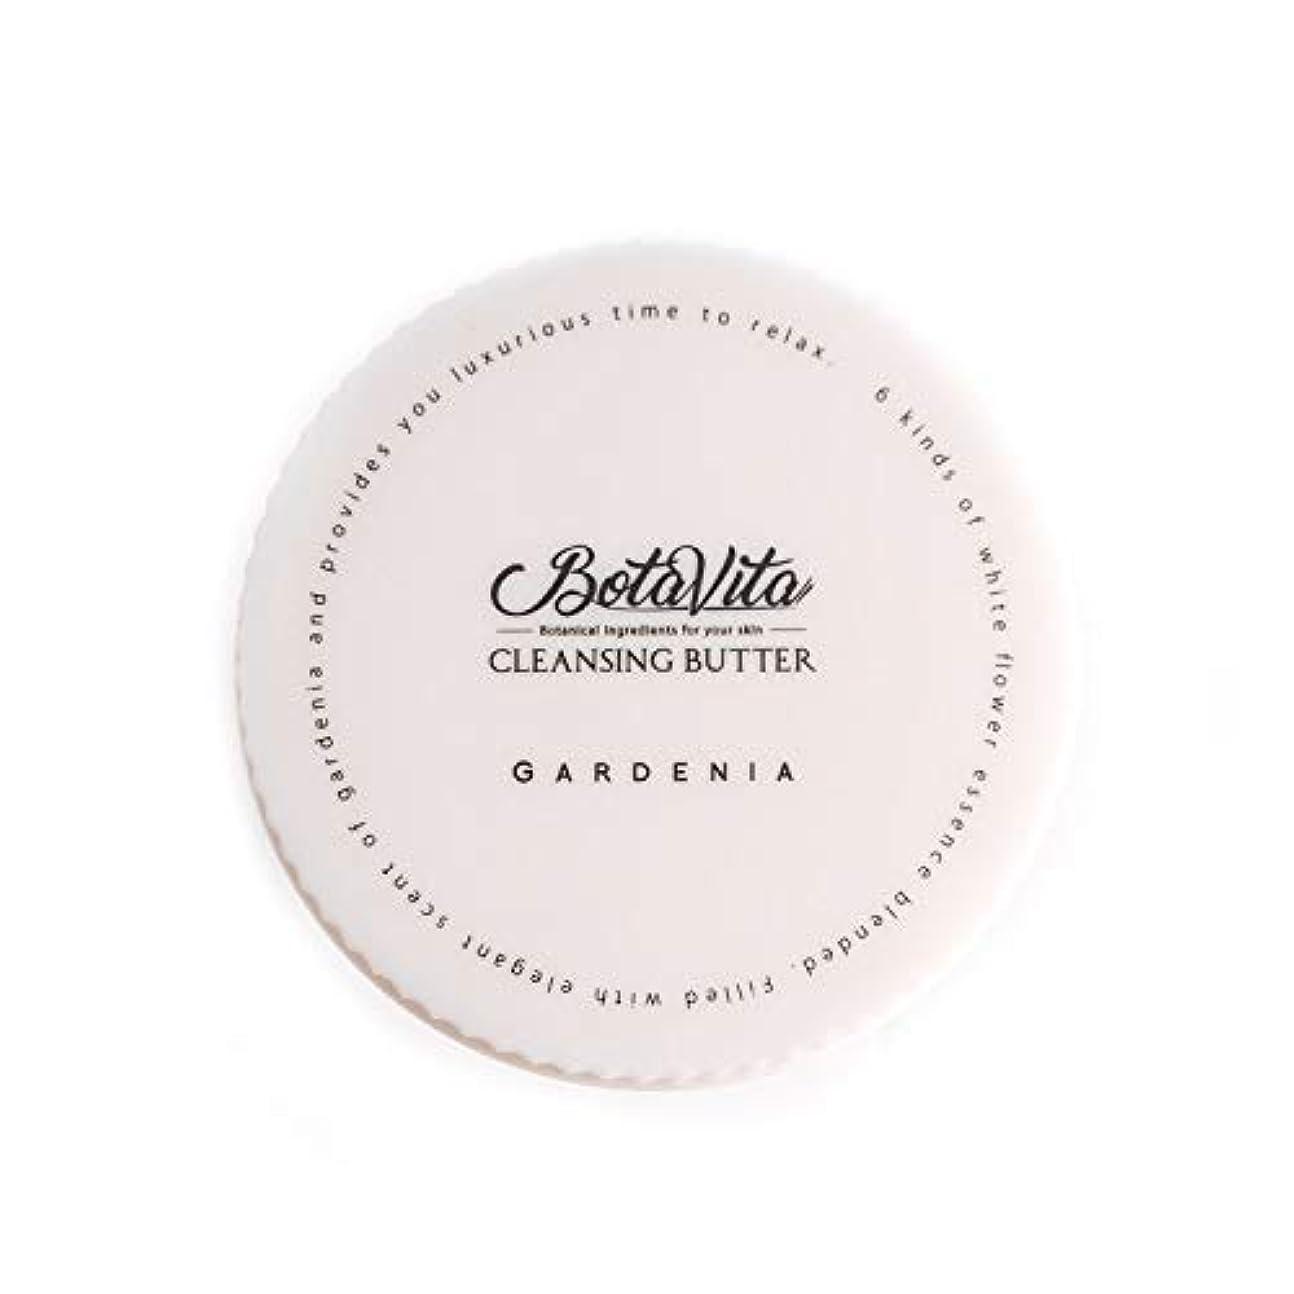 斧オーラル成長BotaVita ボタヴィータ クレンジングバター <ガーデニア> 80g ダブル洗顔不要 マツエク対応 保湿ケア 毛穴汚れオフ